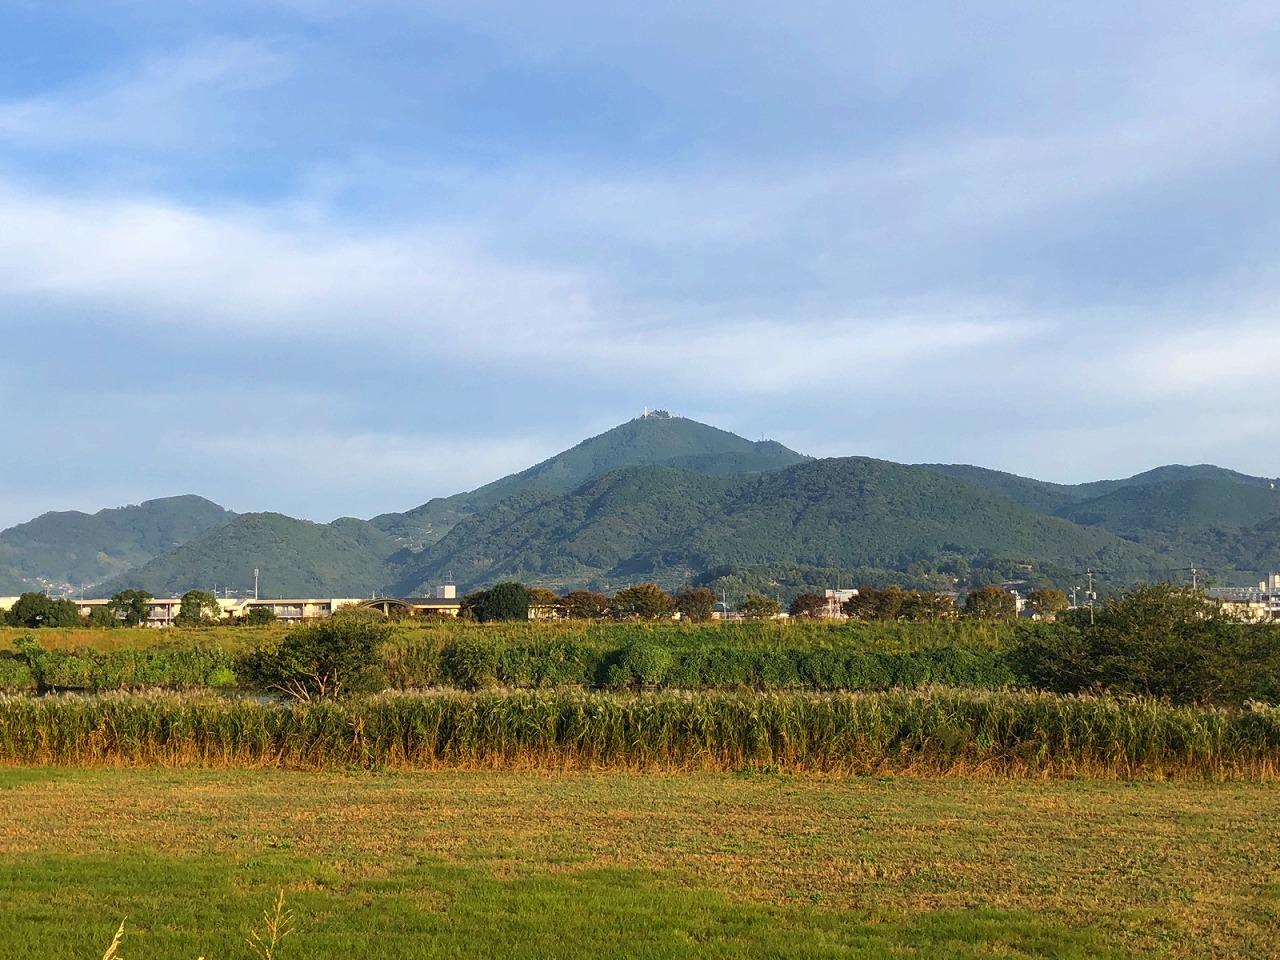 2018.10.22今朝の金峰山です。